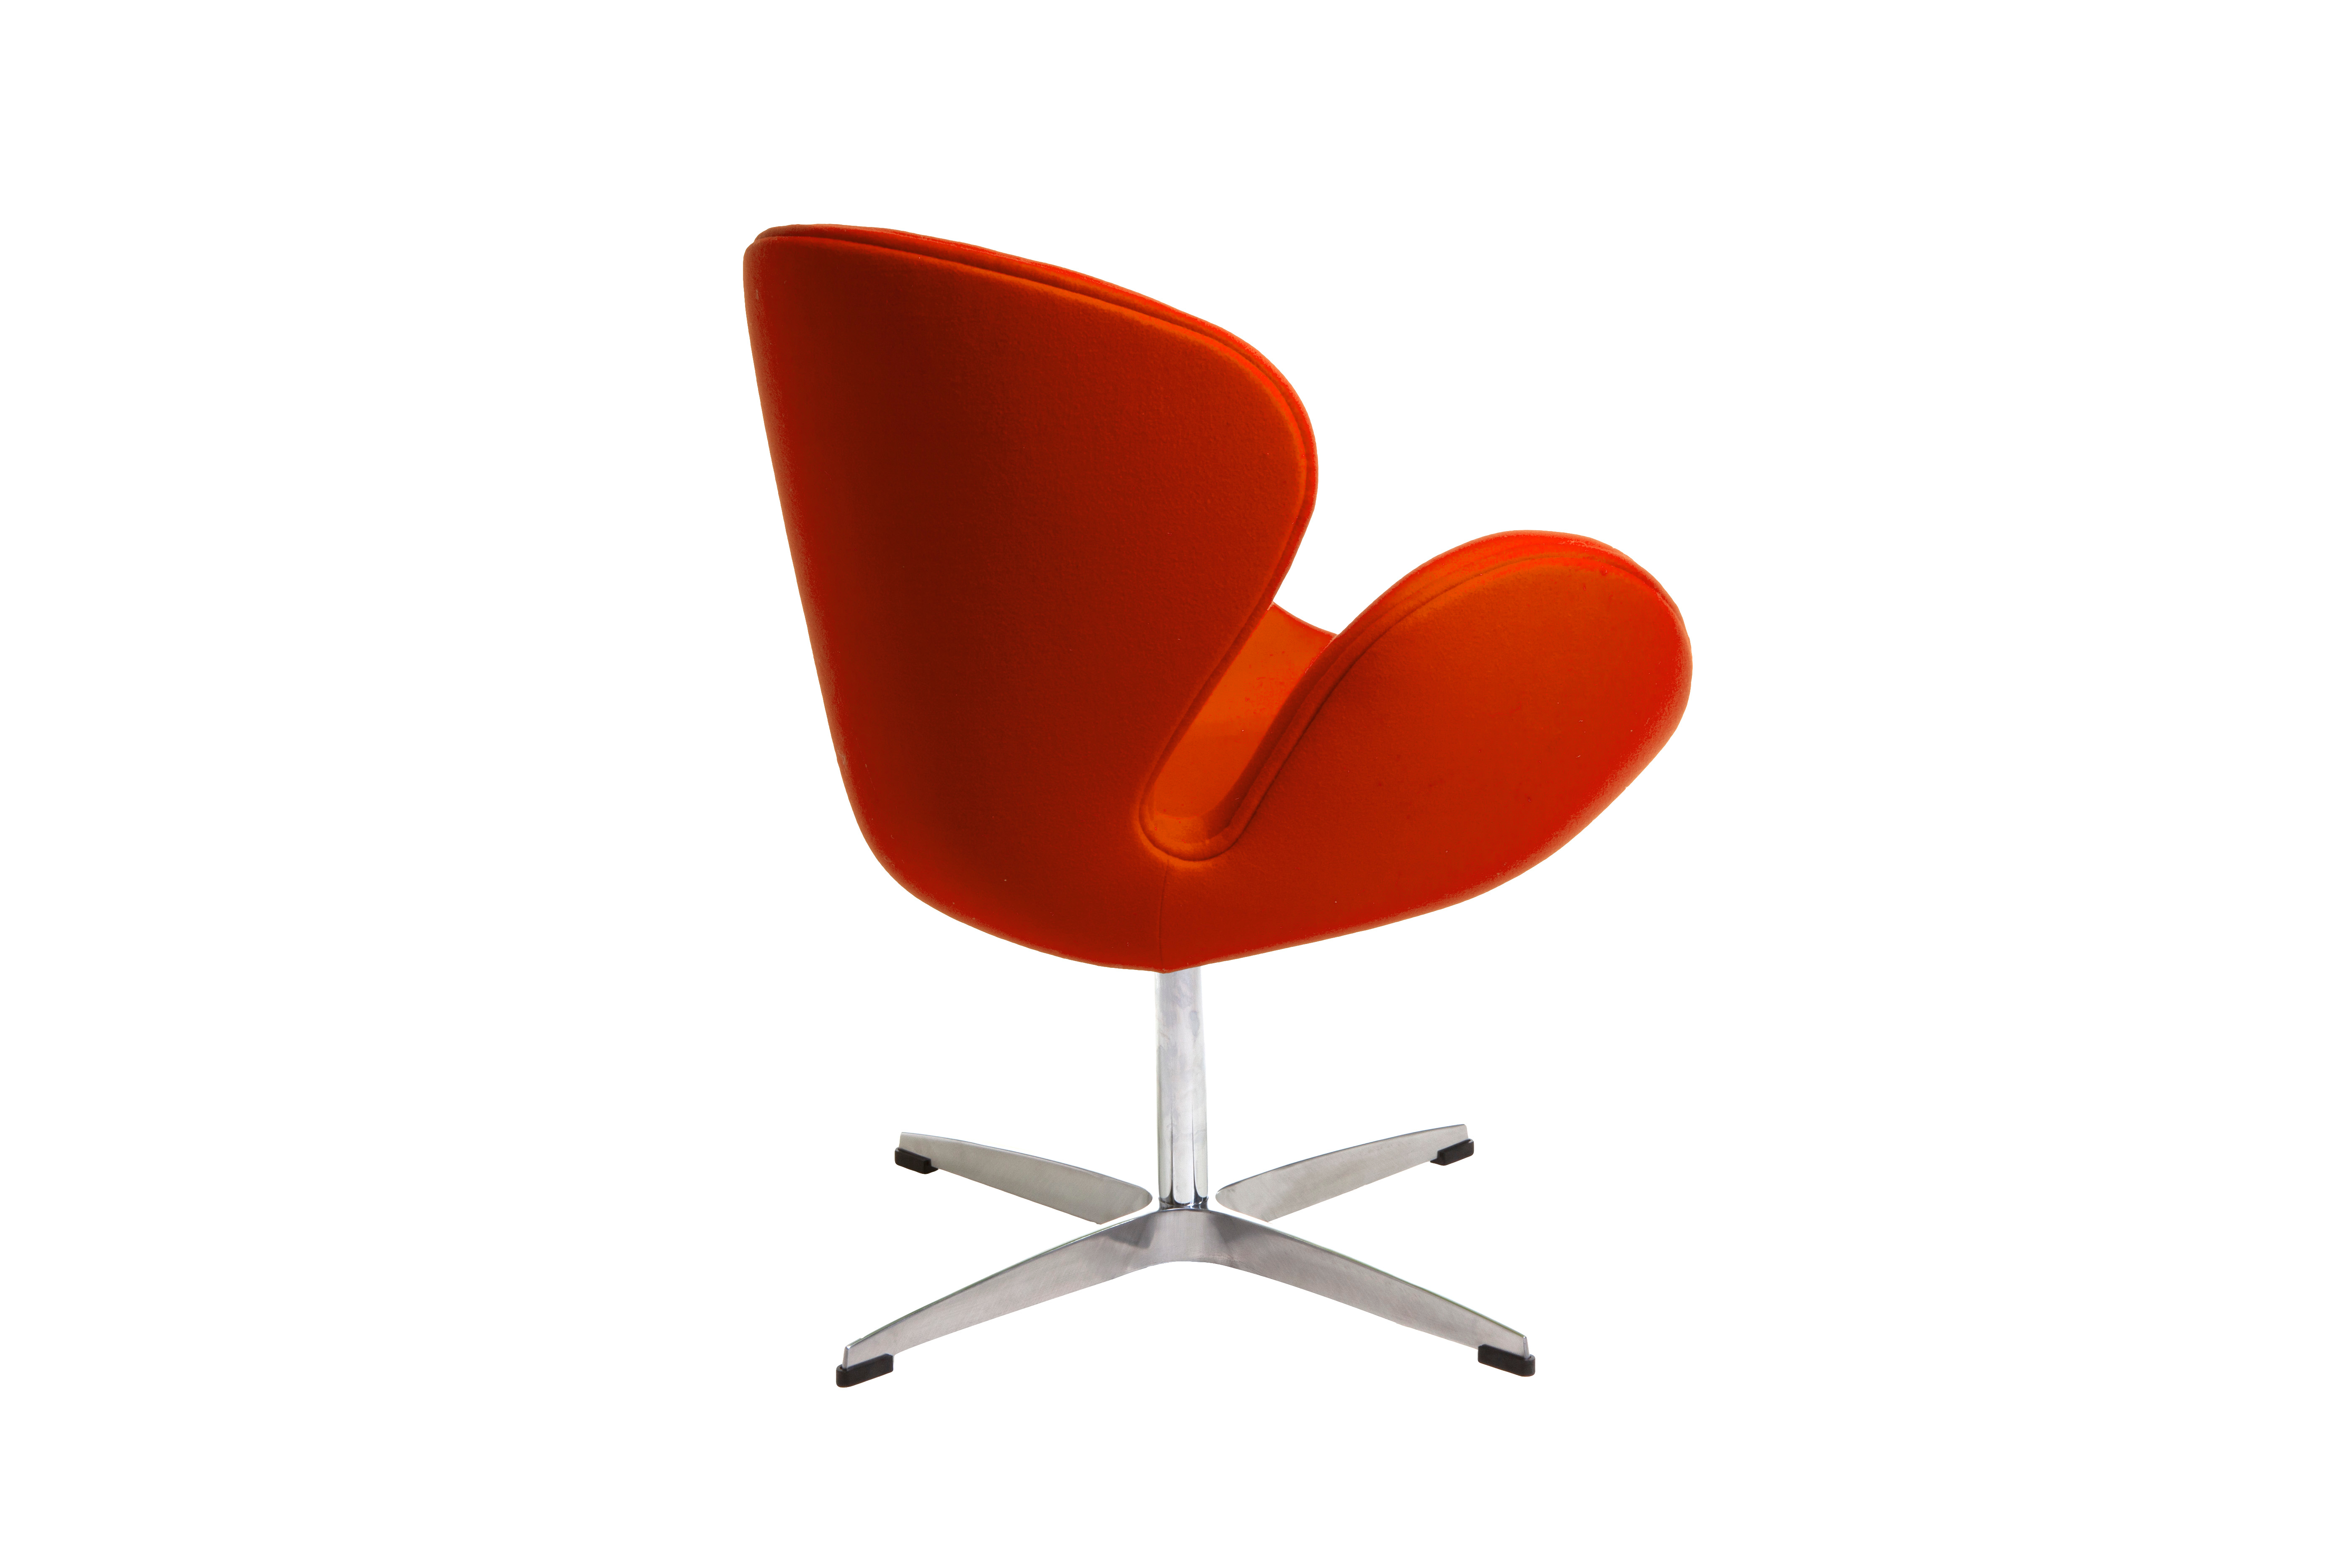 Fauteuil Herlev - Oranje